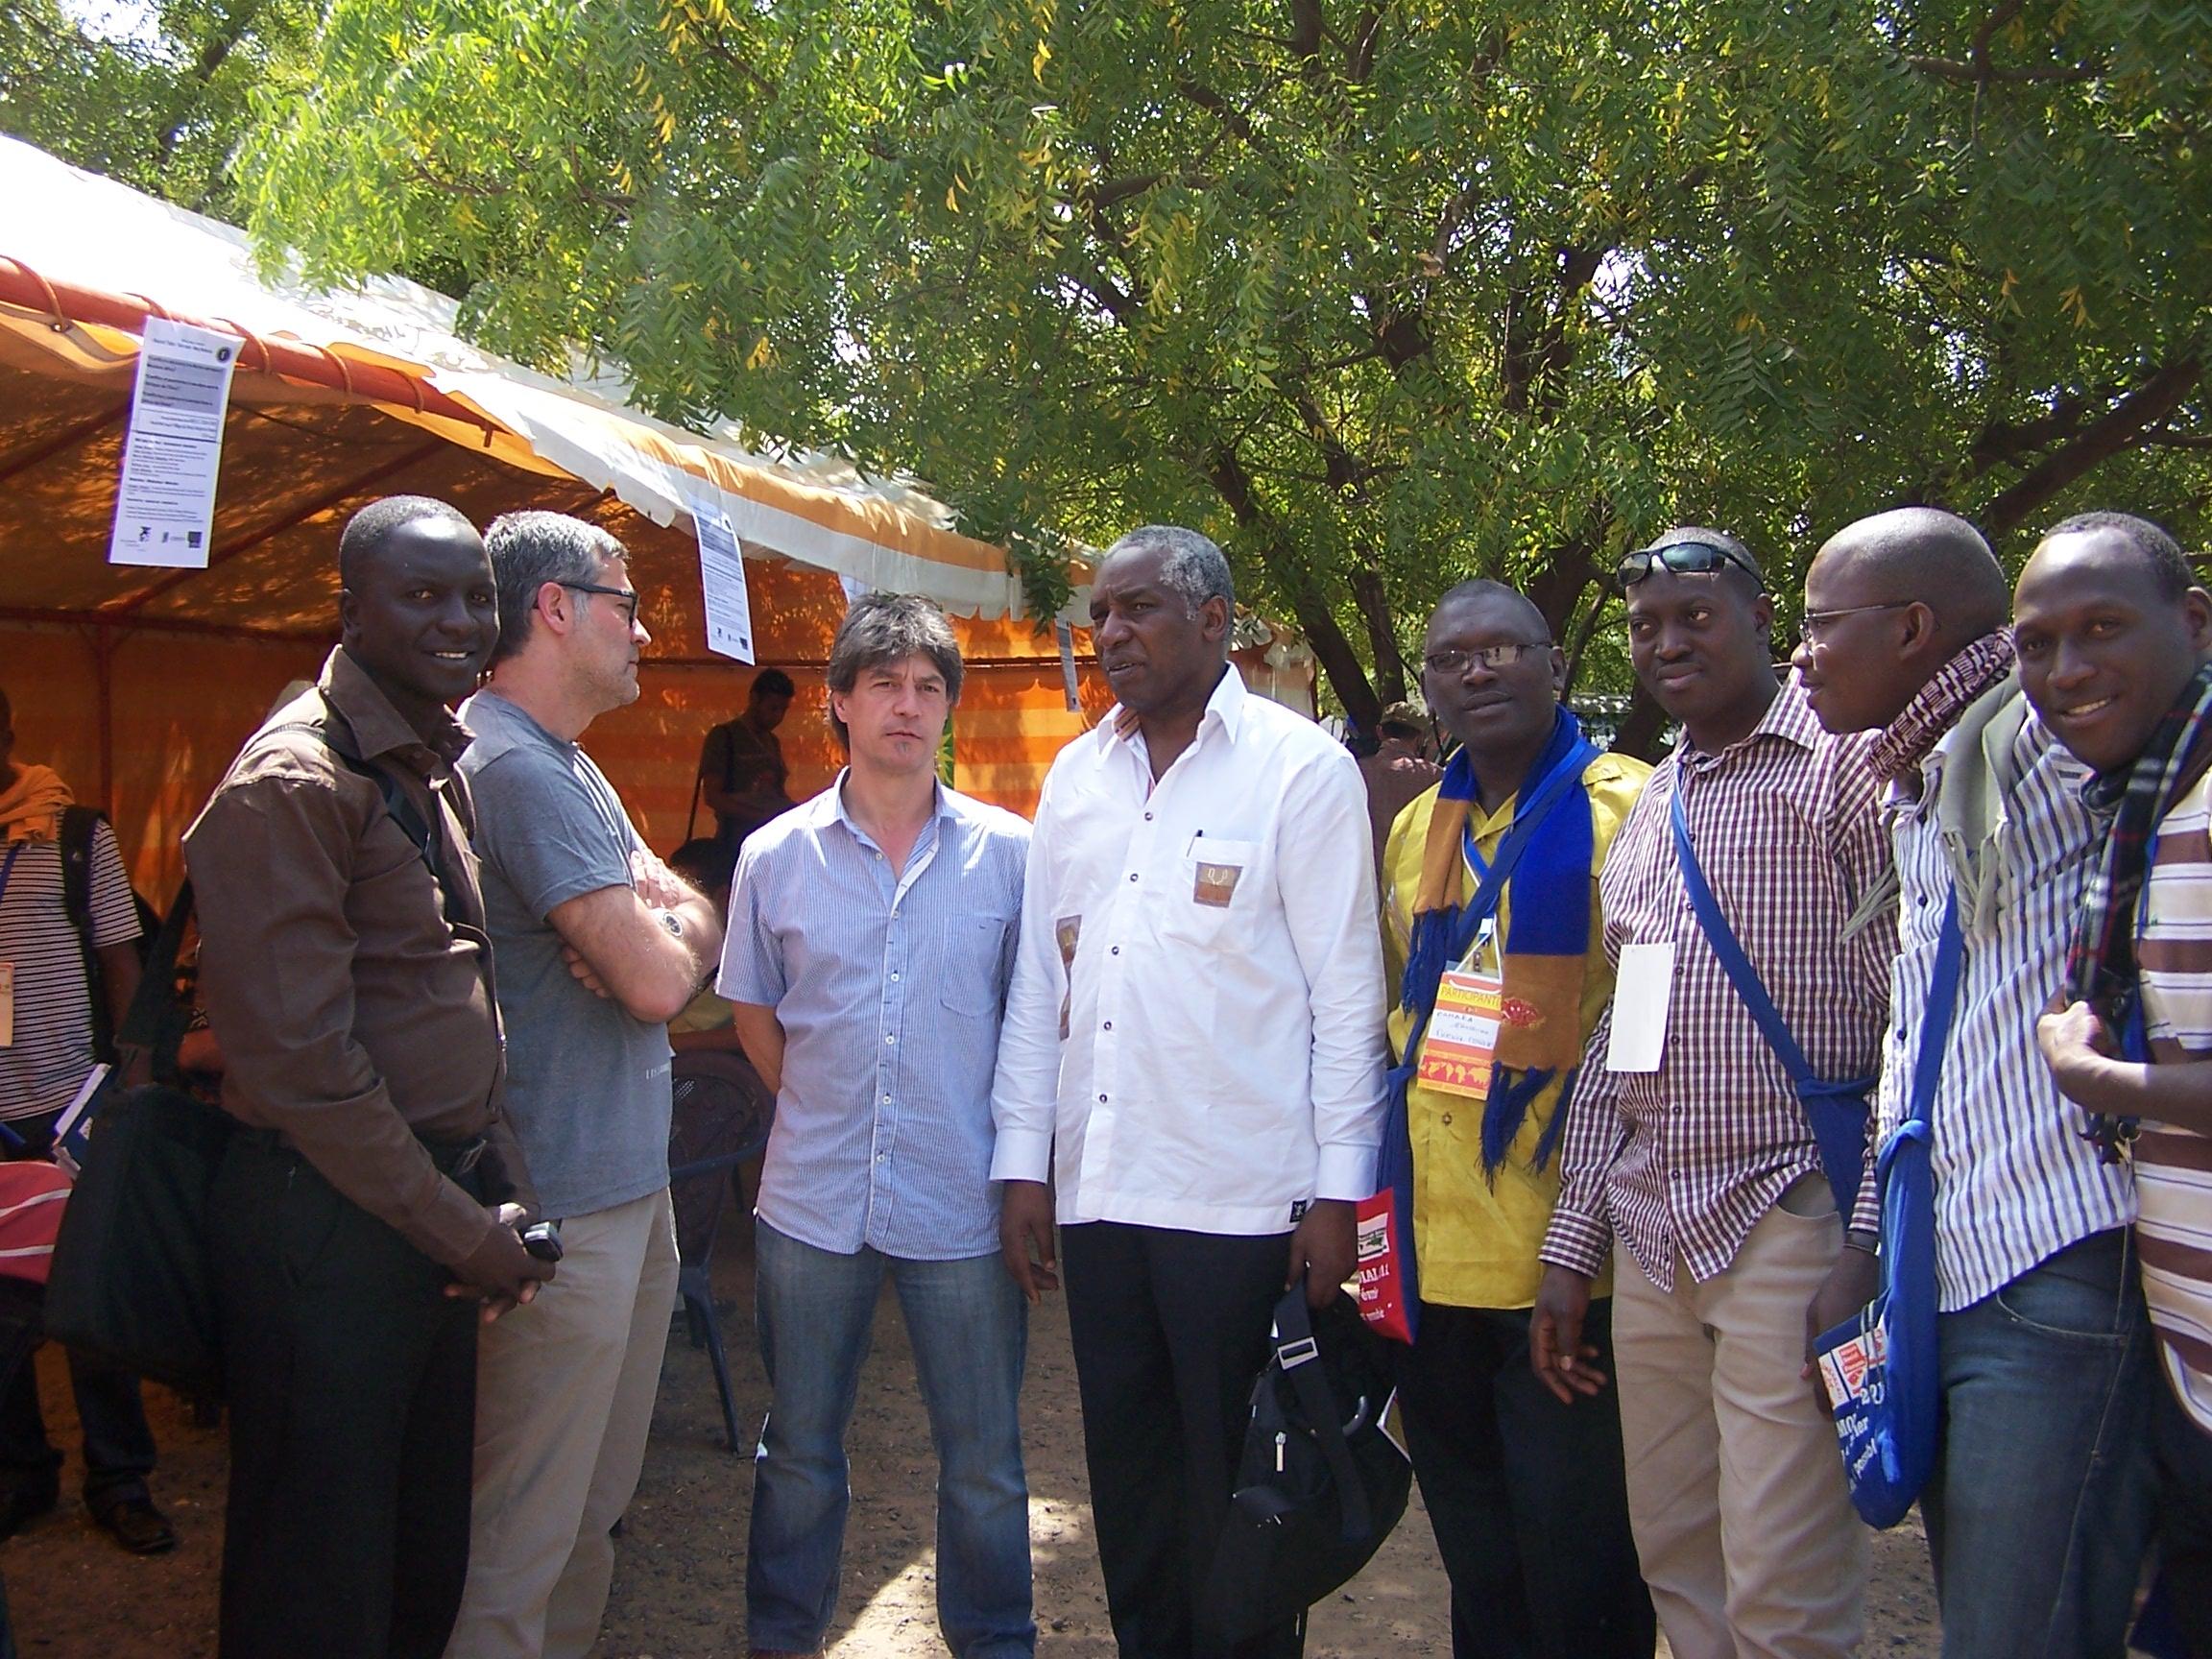 Conflictes, Mediació I Pobresa: Educant En La Pau Pel Desenvolupament Sostenible: El Cas De La Sota-regió De L'Àfrica De L'Oest